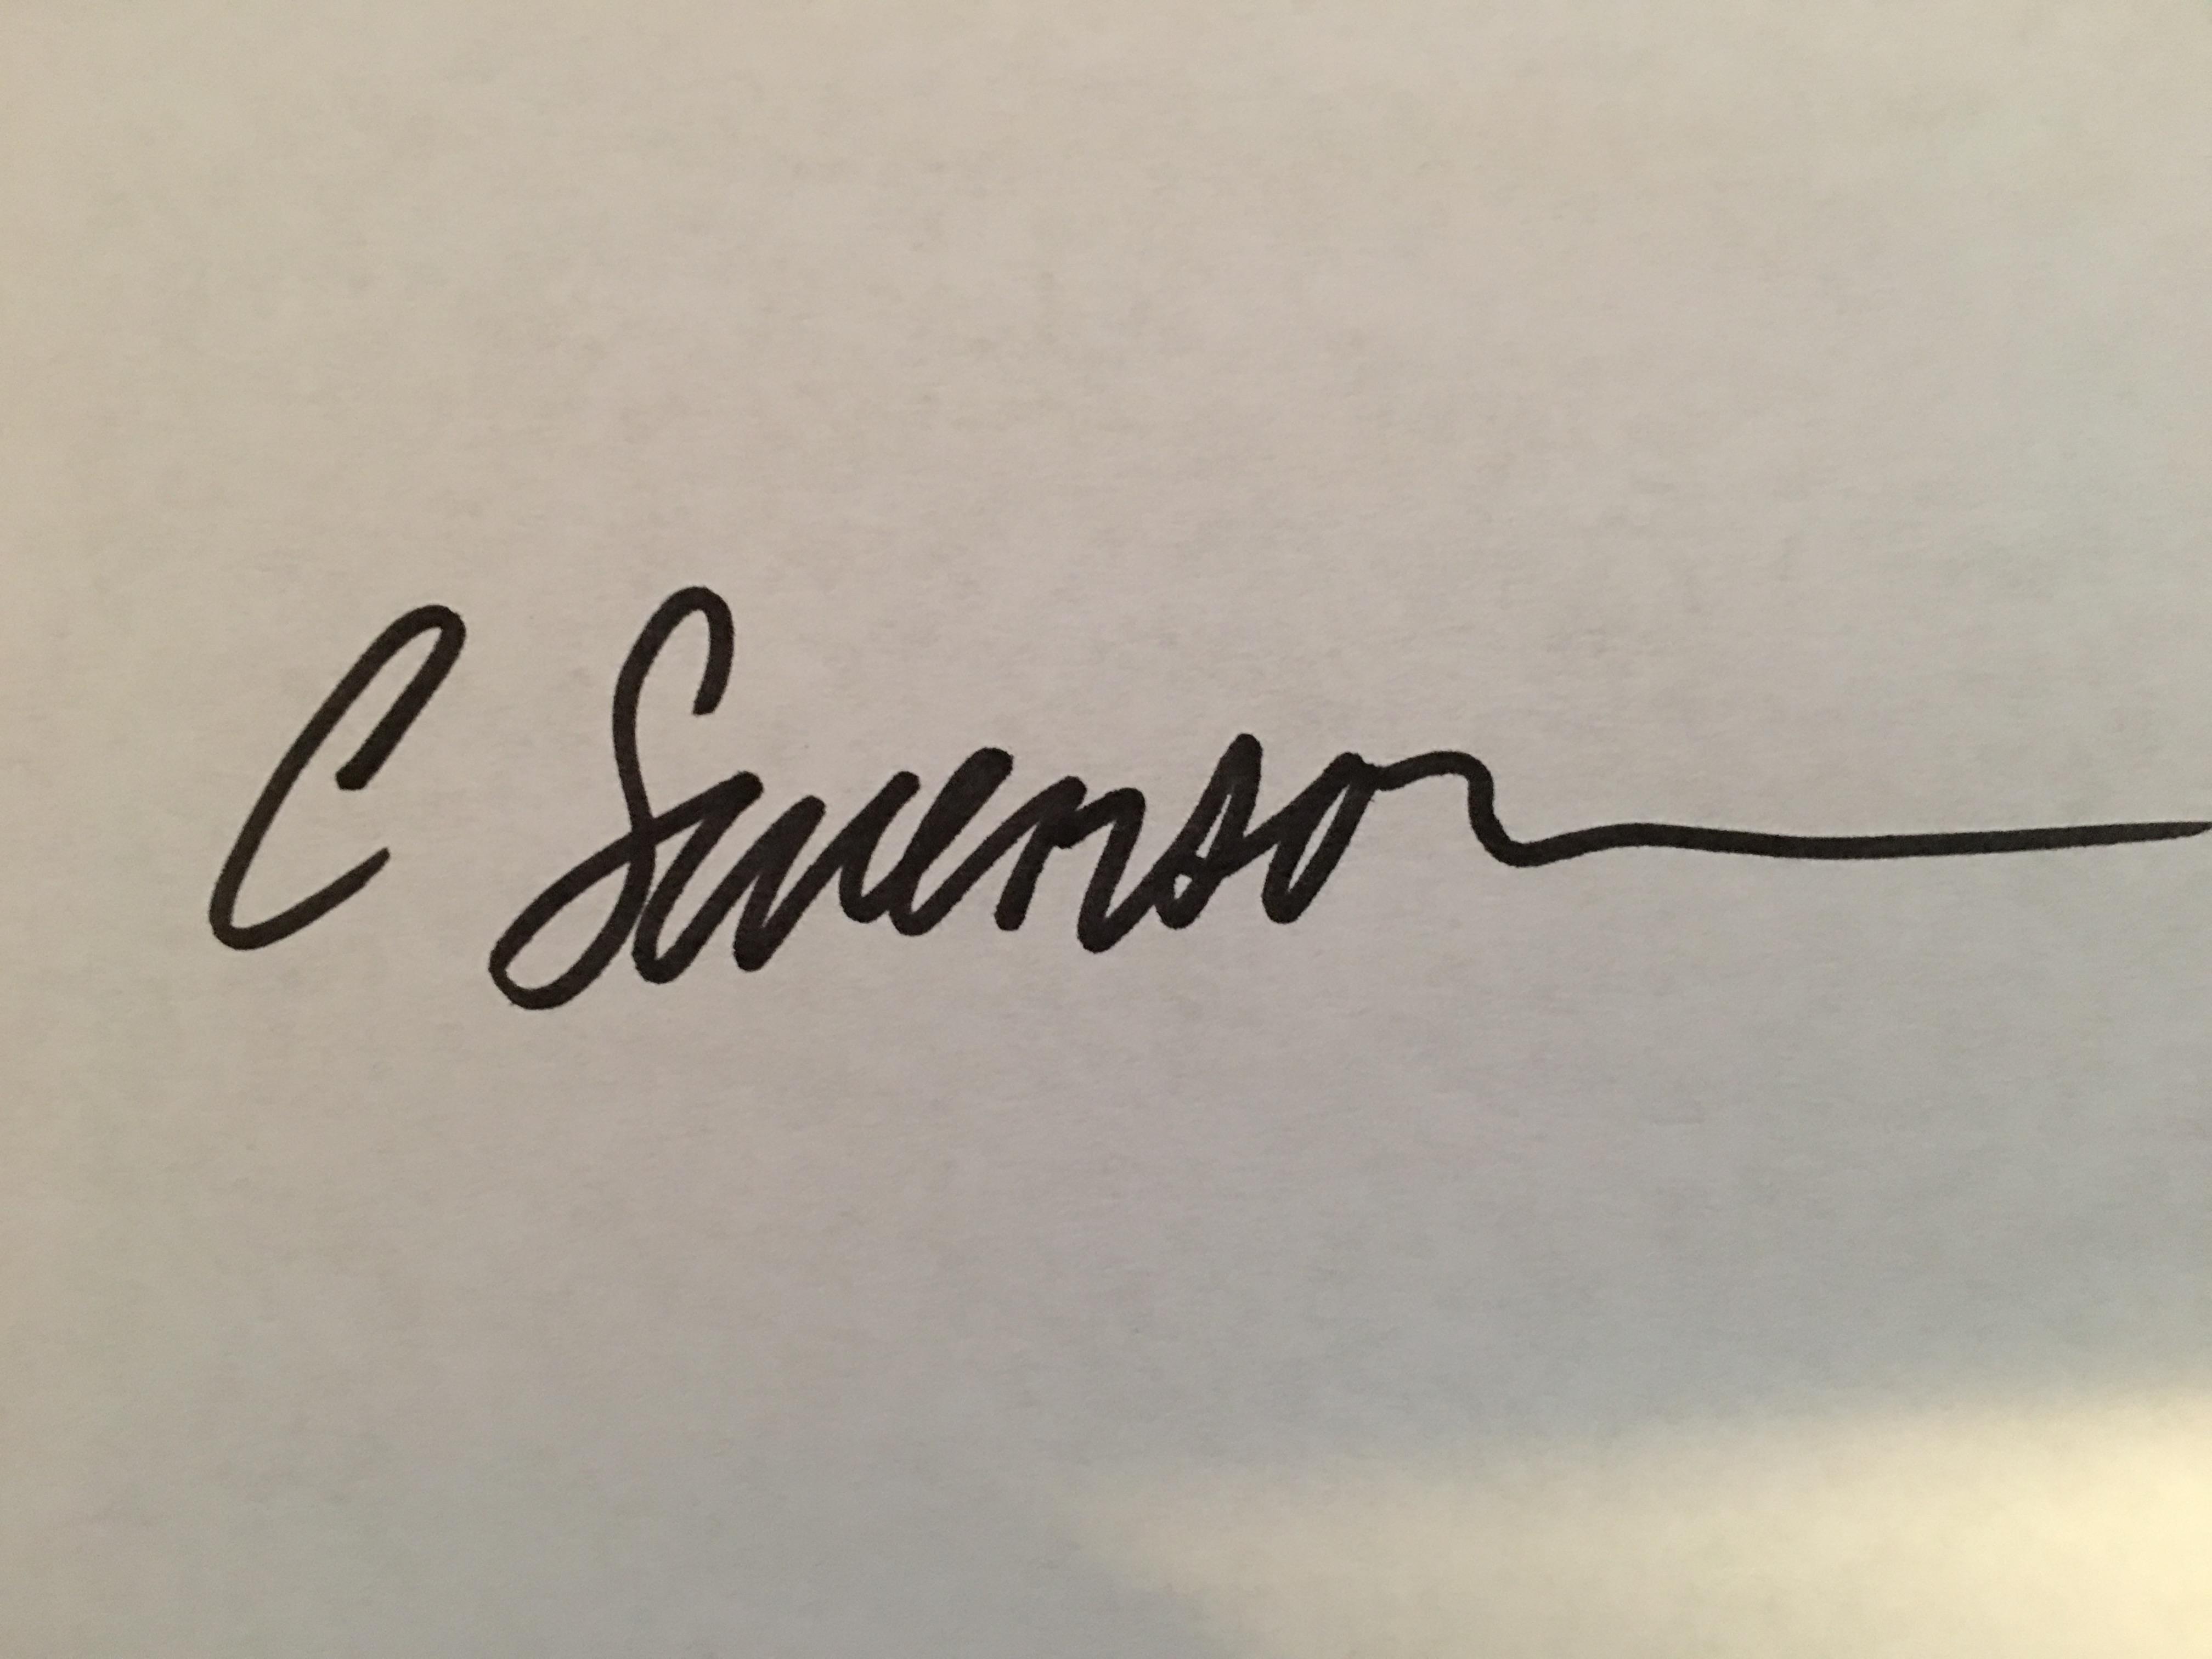 Collene swenson Signature